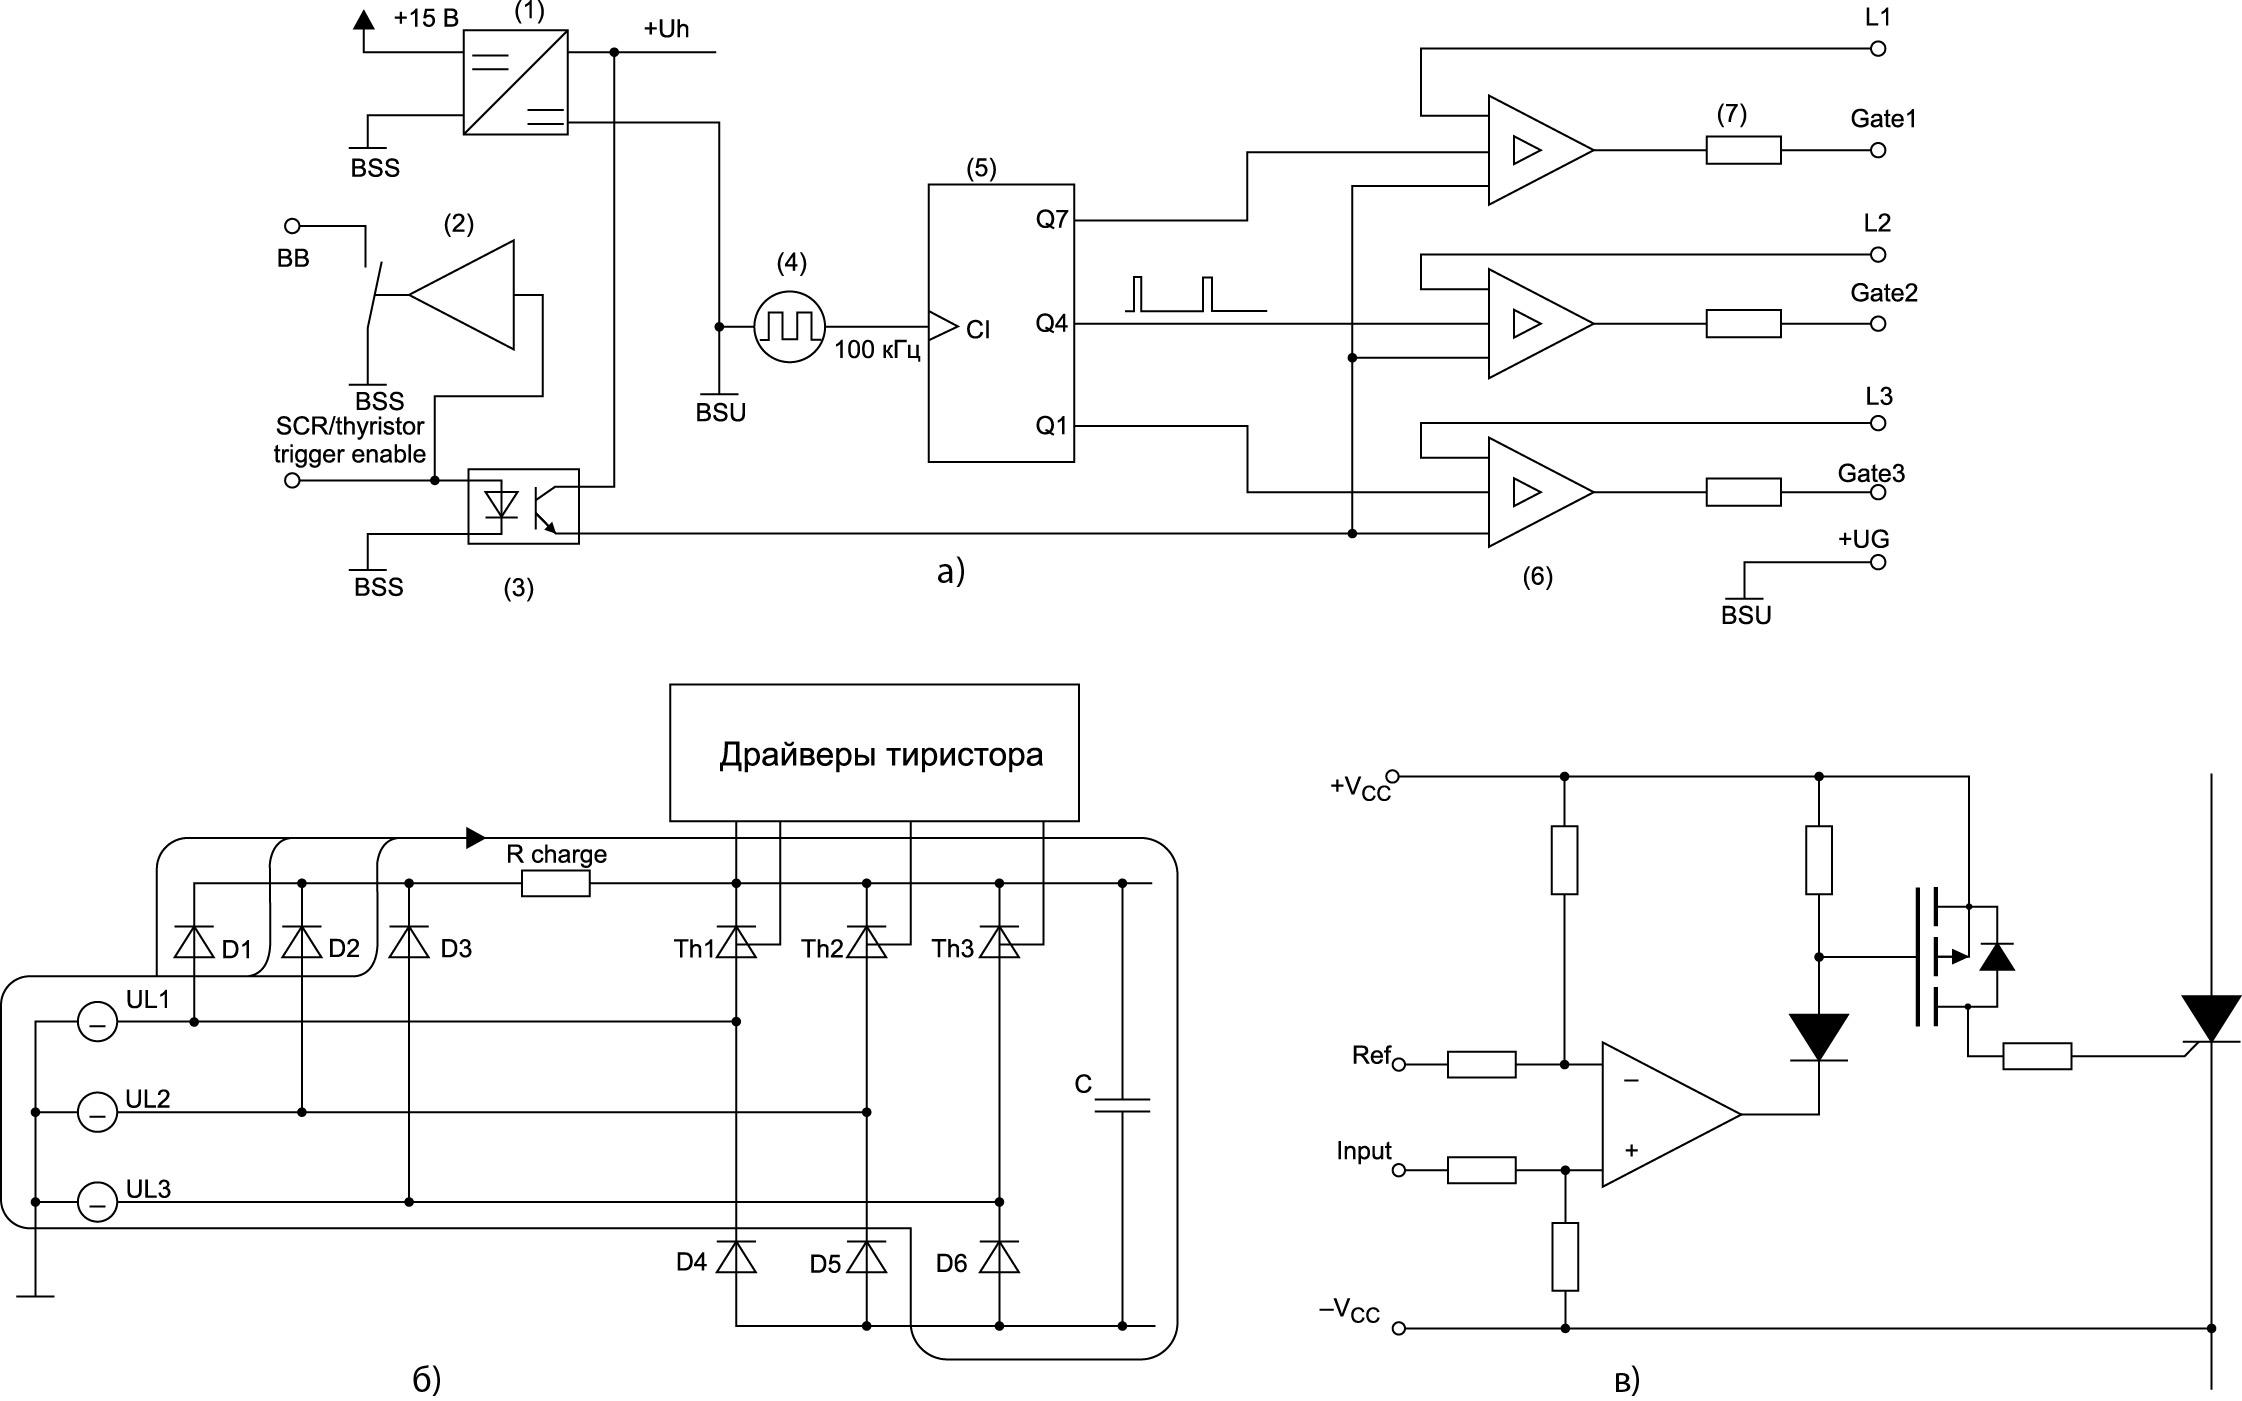 Предзаряд конденсаторов DC-шины через B6HK-мост, управляемый драйвером SKHIT 01, и схема запуска тиристора